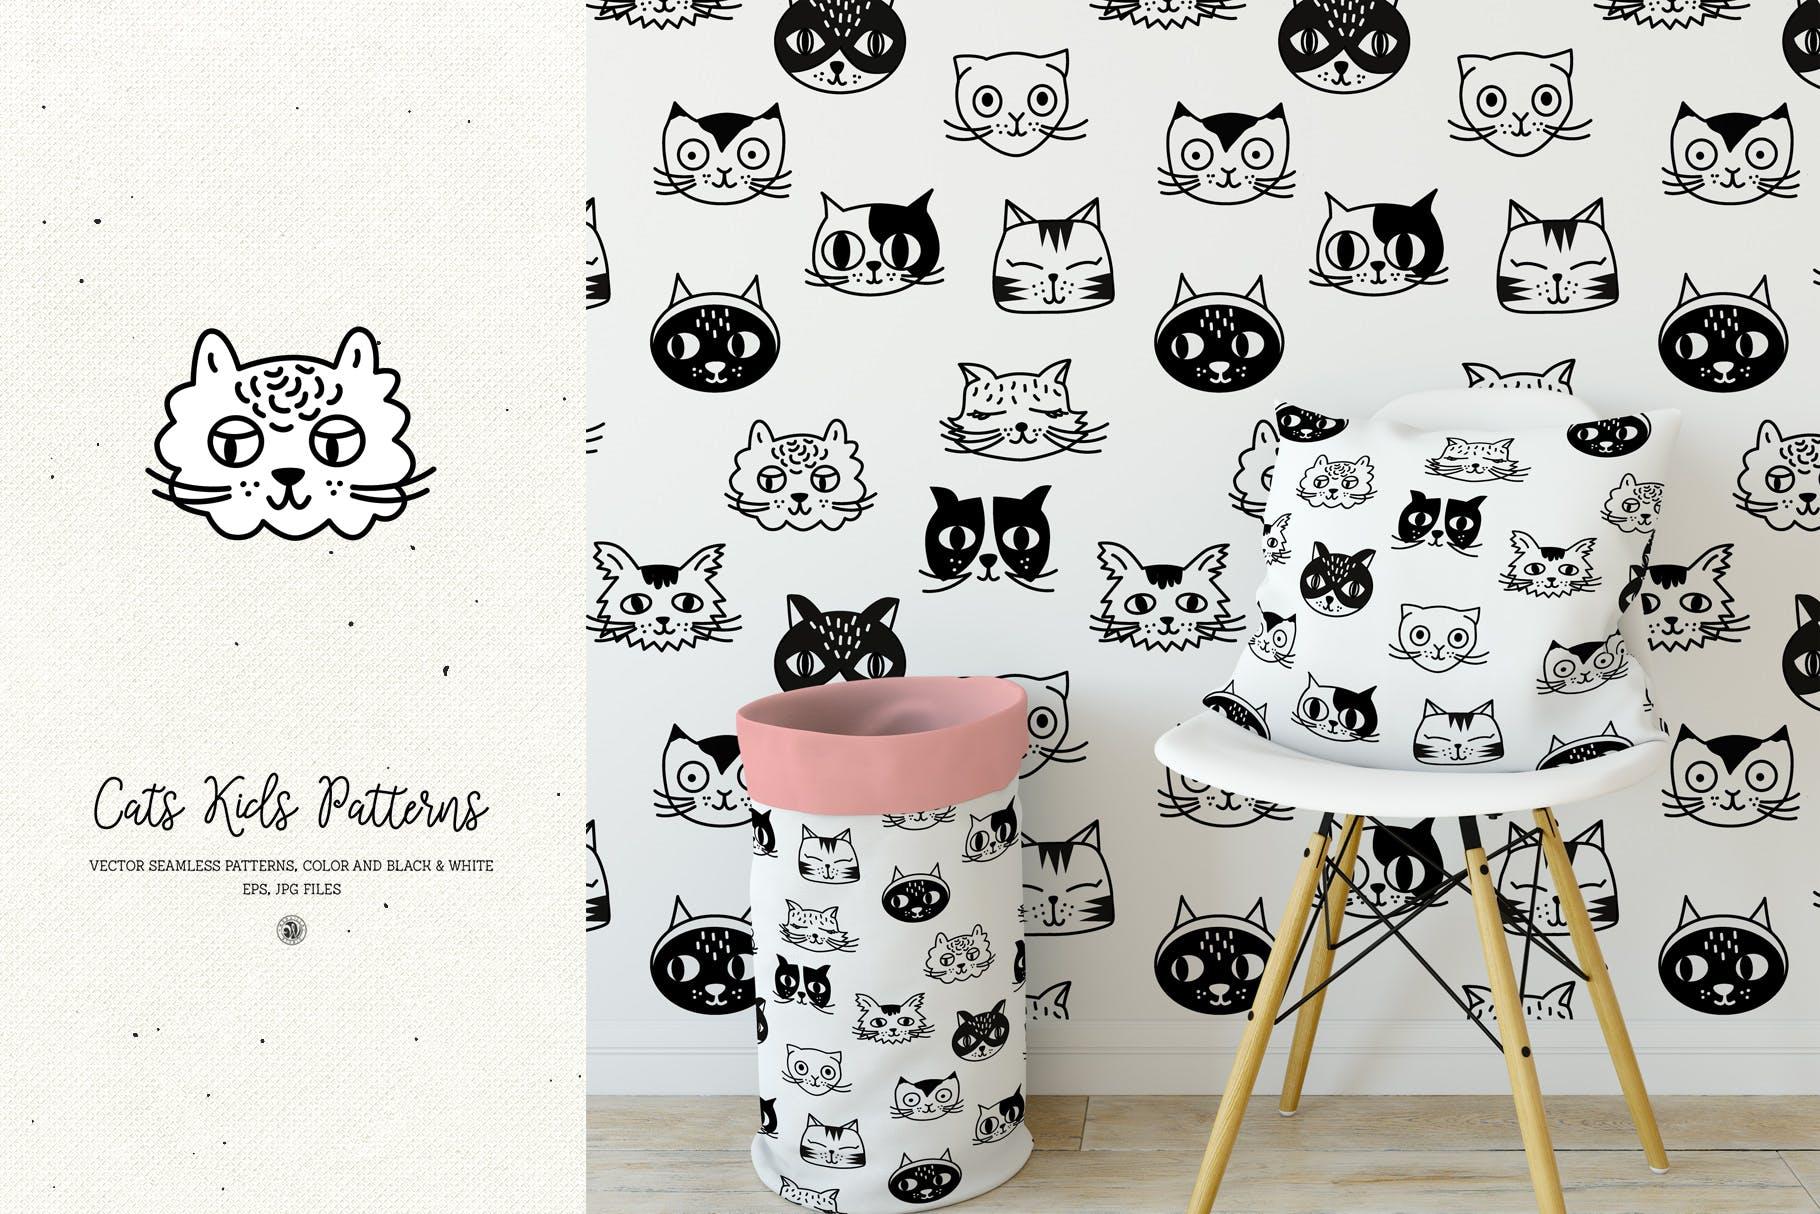 可爱猫孩子创意图案素材花纹猫孩子模式Cats Kids Patterns插图(1)